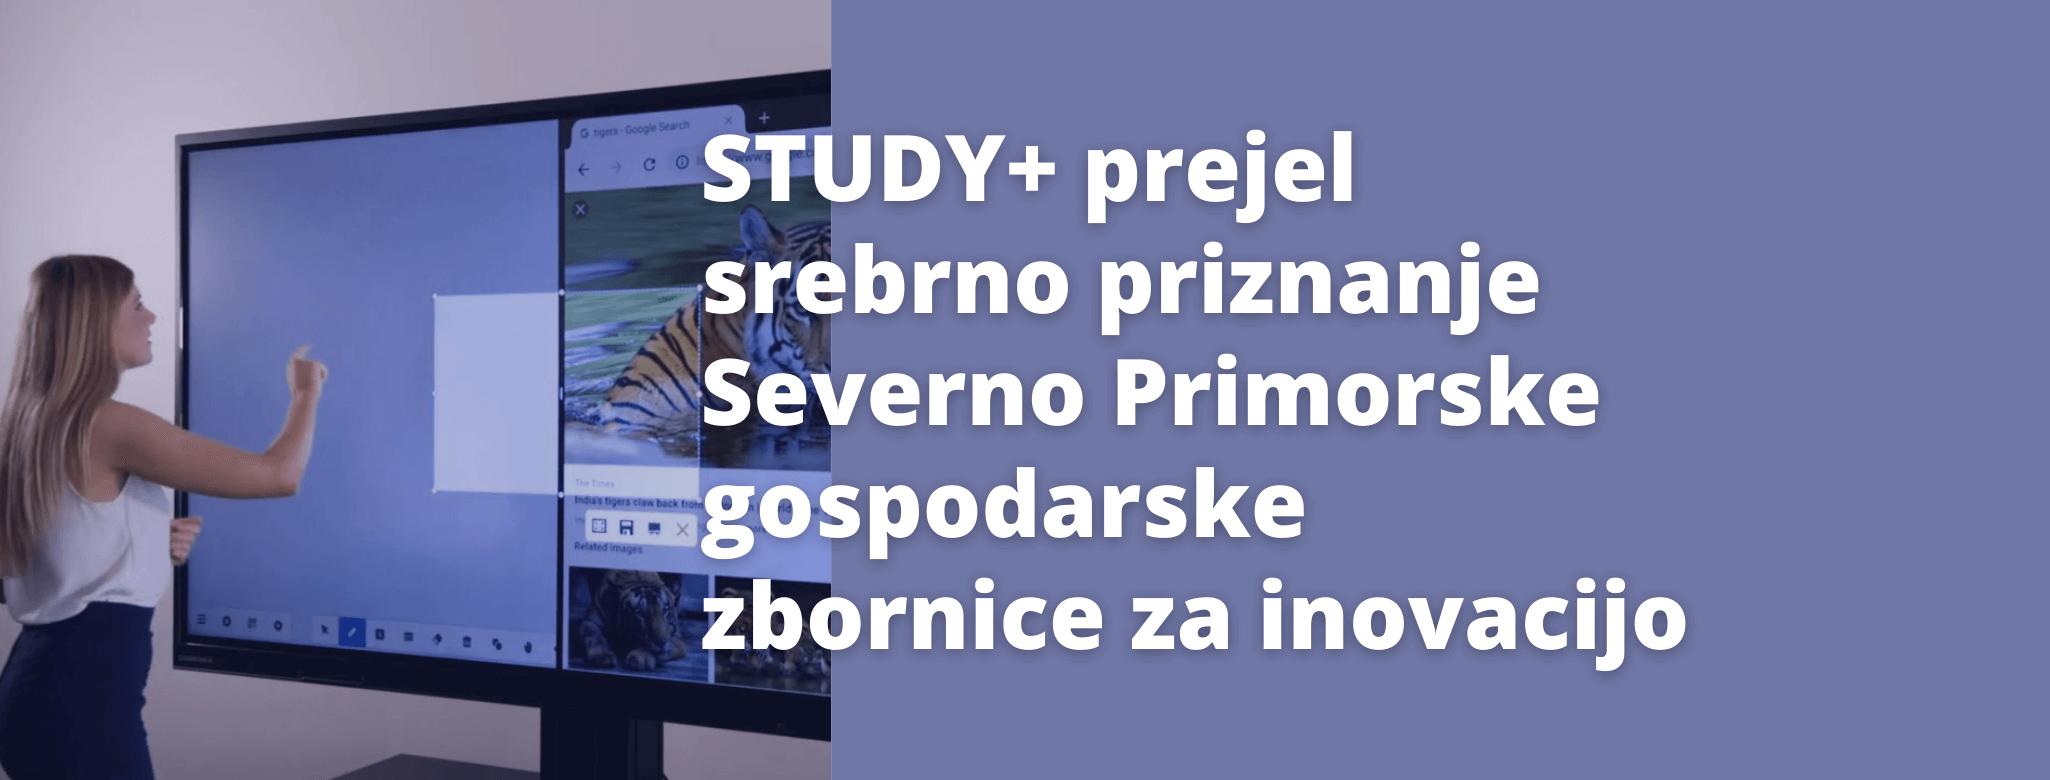 STUDY + PREJEL SREBRNO PRIZNANJE SEVERNO PRIMORSKE GOSPODARSKE ZBORNICE ZA INOVACIJO